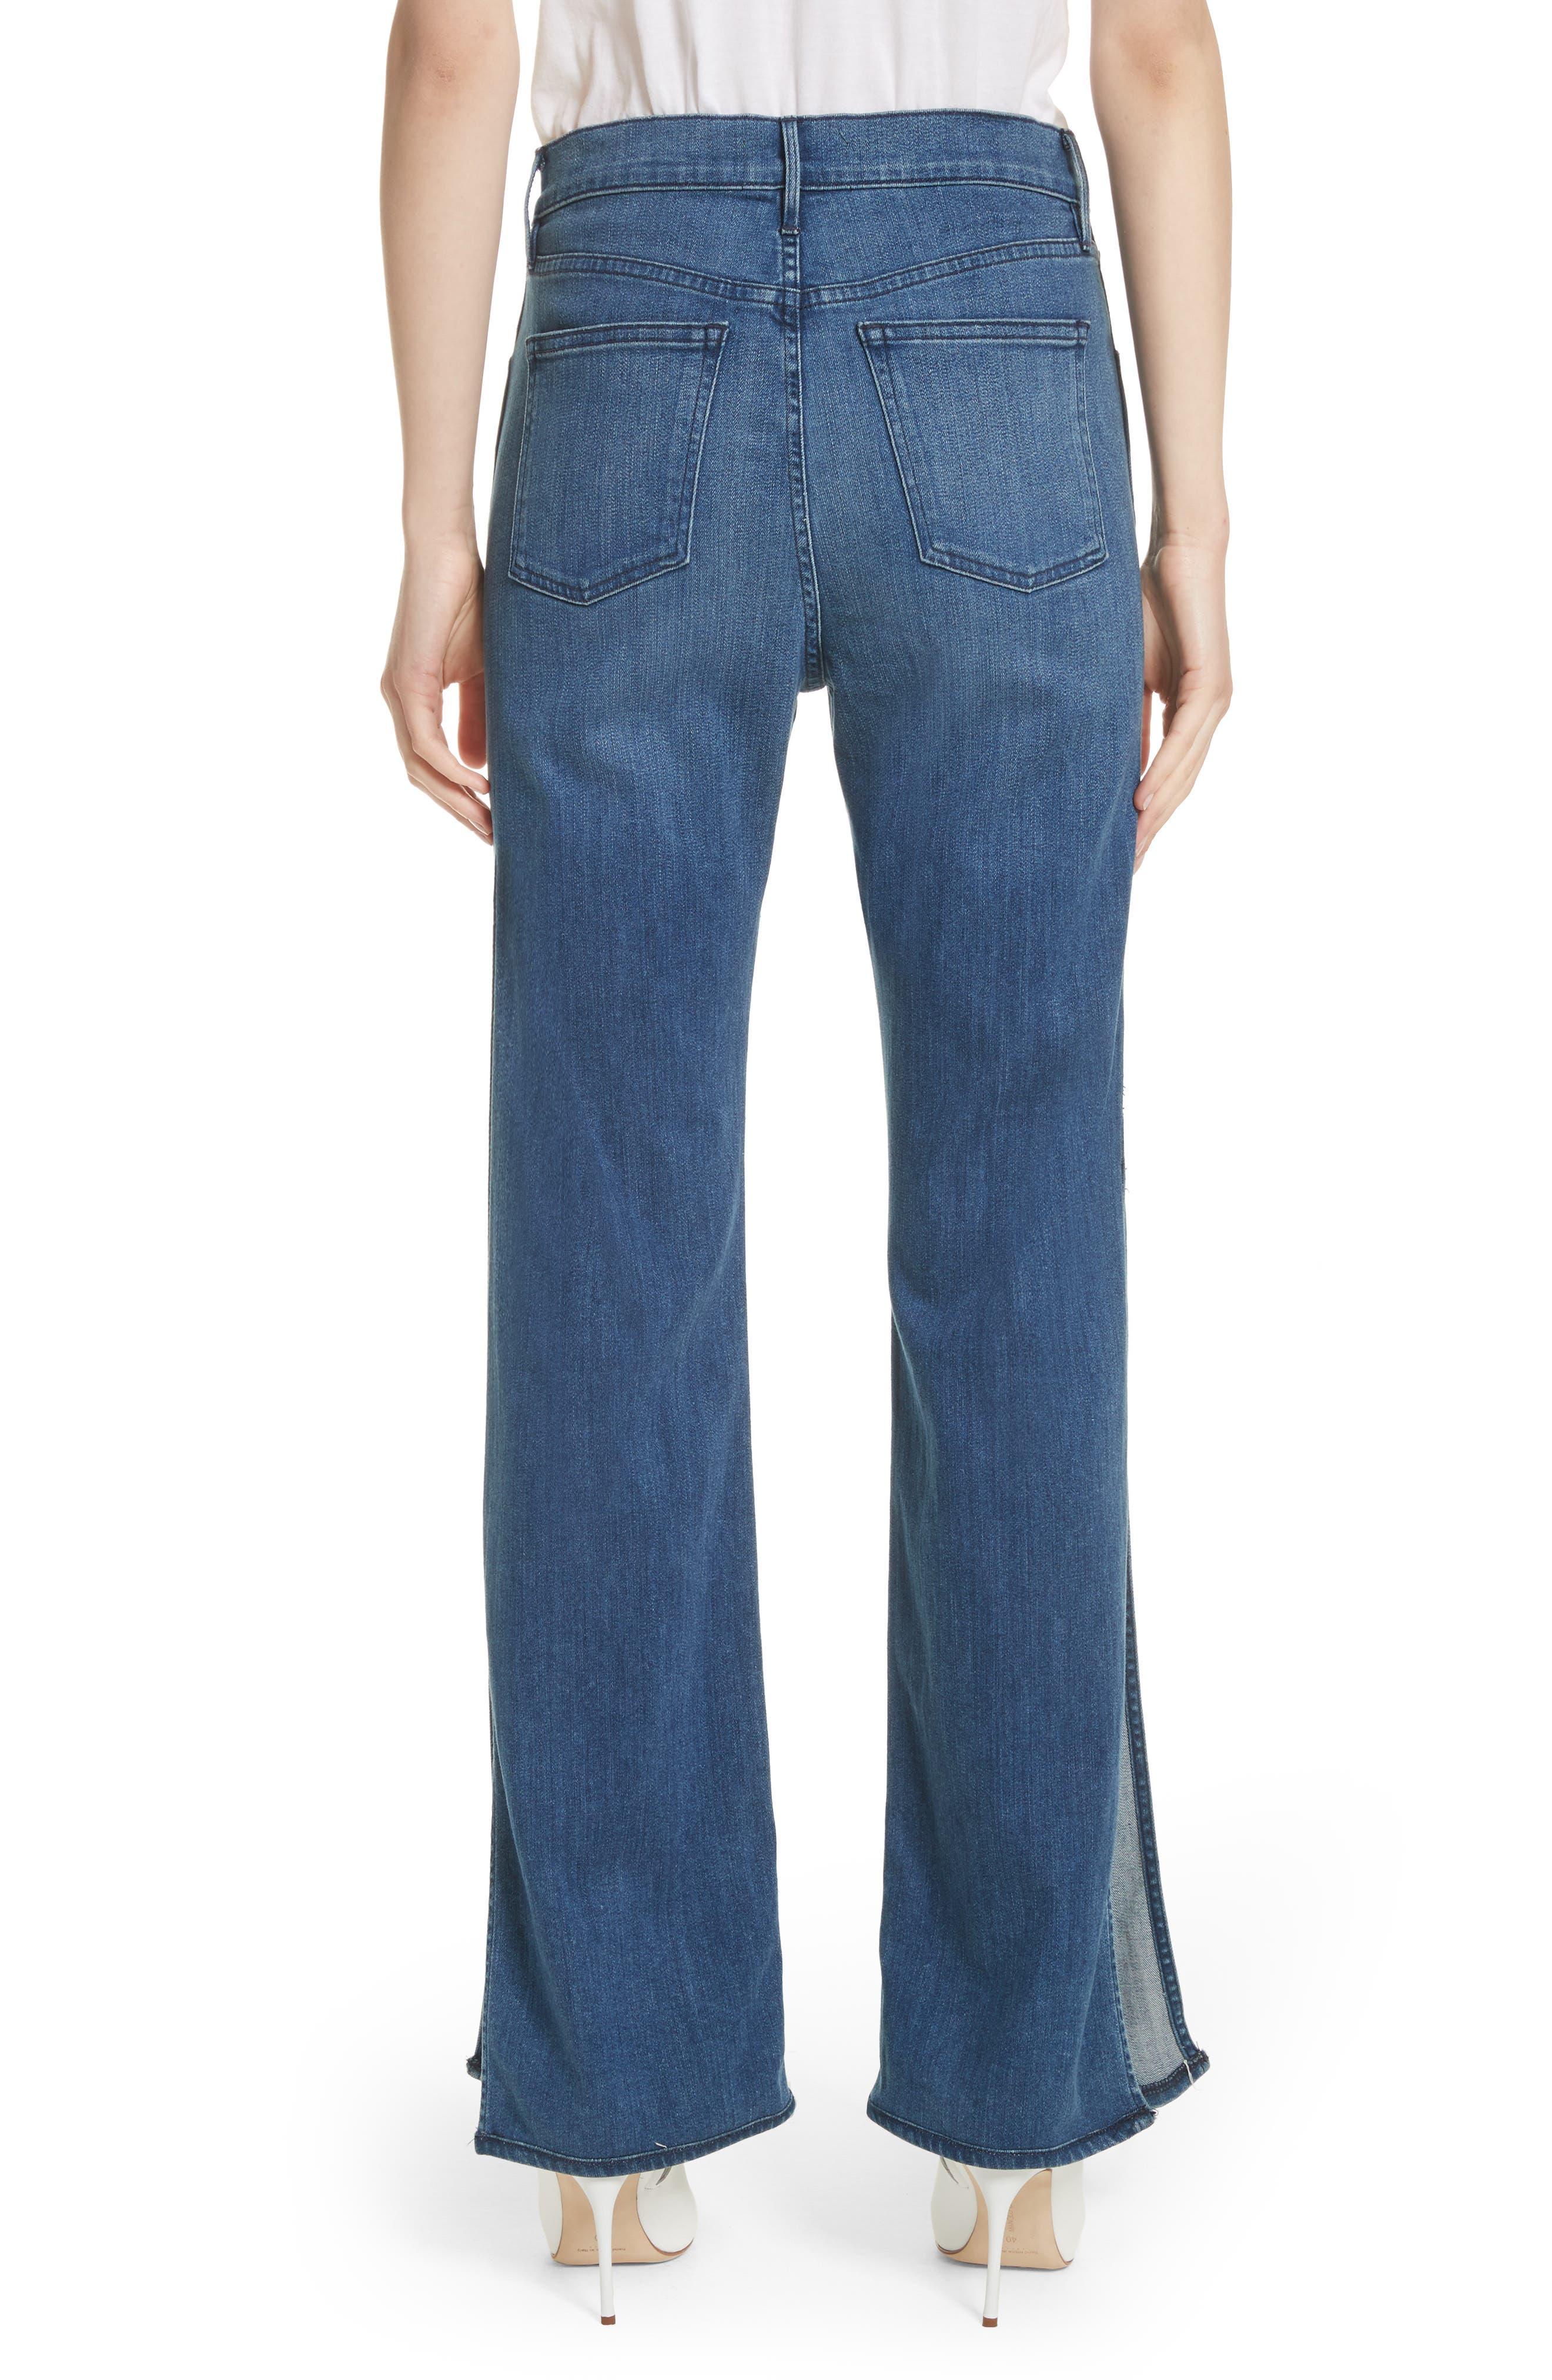 W4 Adeline High Waist Split Flare Jeans,                             Alternate thumbnail 2, color,                             426